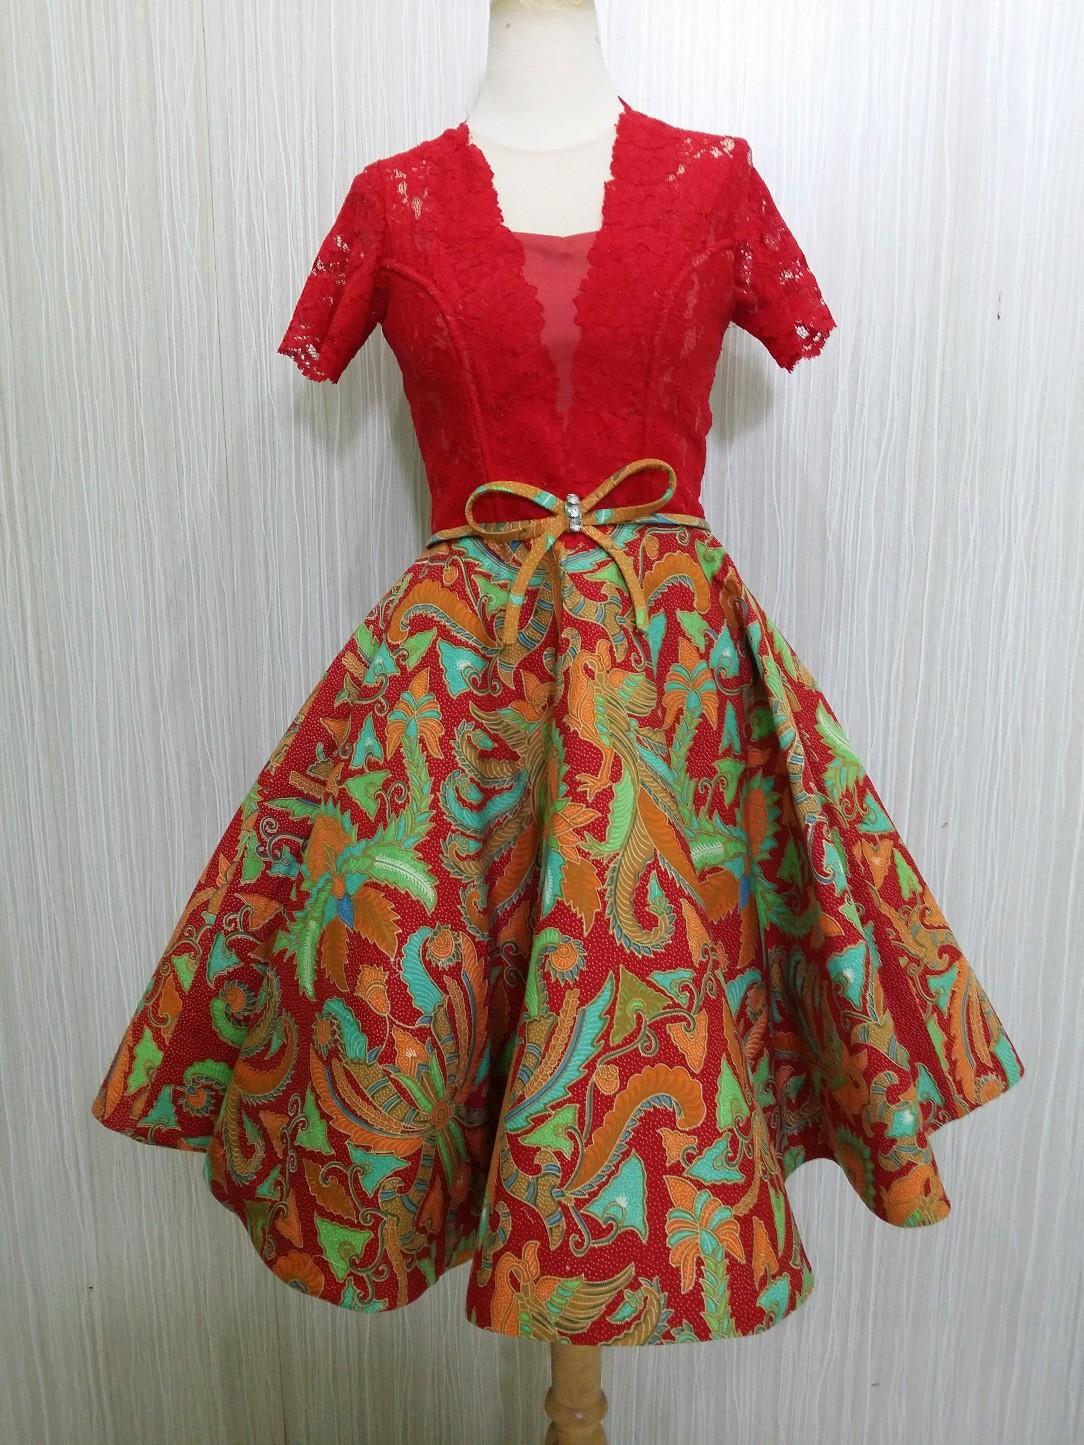 ... MEKAR RR1784 MR by Arcobaleno Produsen Dress Batik Pesta Terbaru 2018  Desain CANTIK dan ANGGUN cocok untuk baju kerja e67392b098